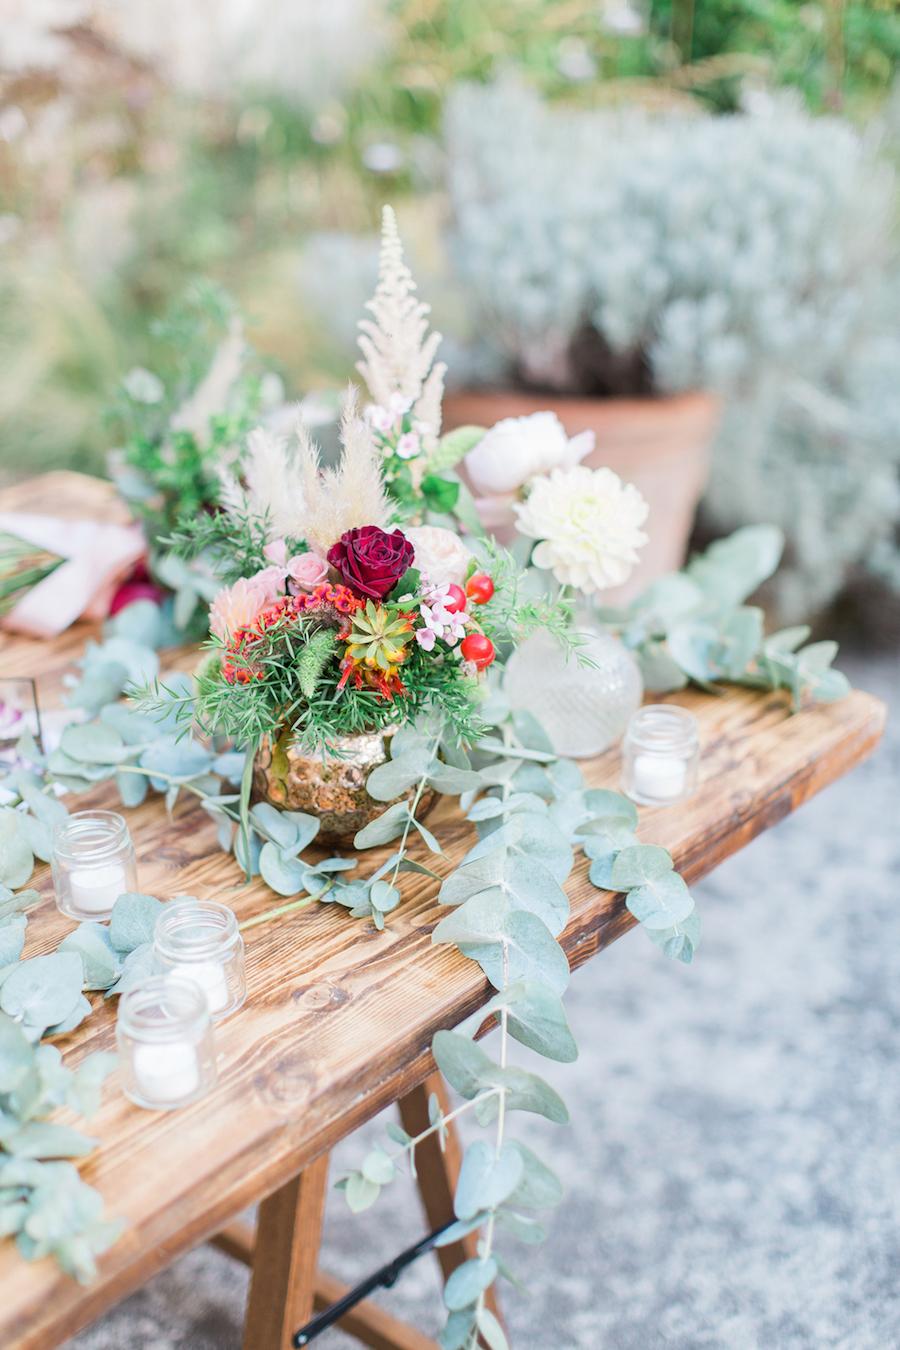 centrotavola con fiori bordeaux, rosa e foliage